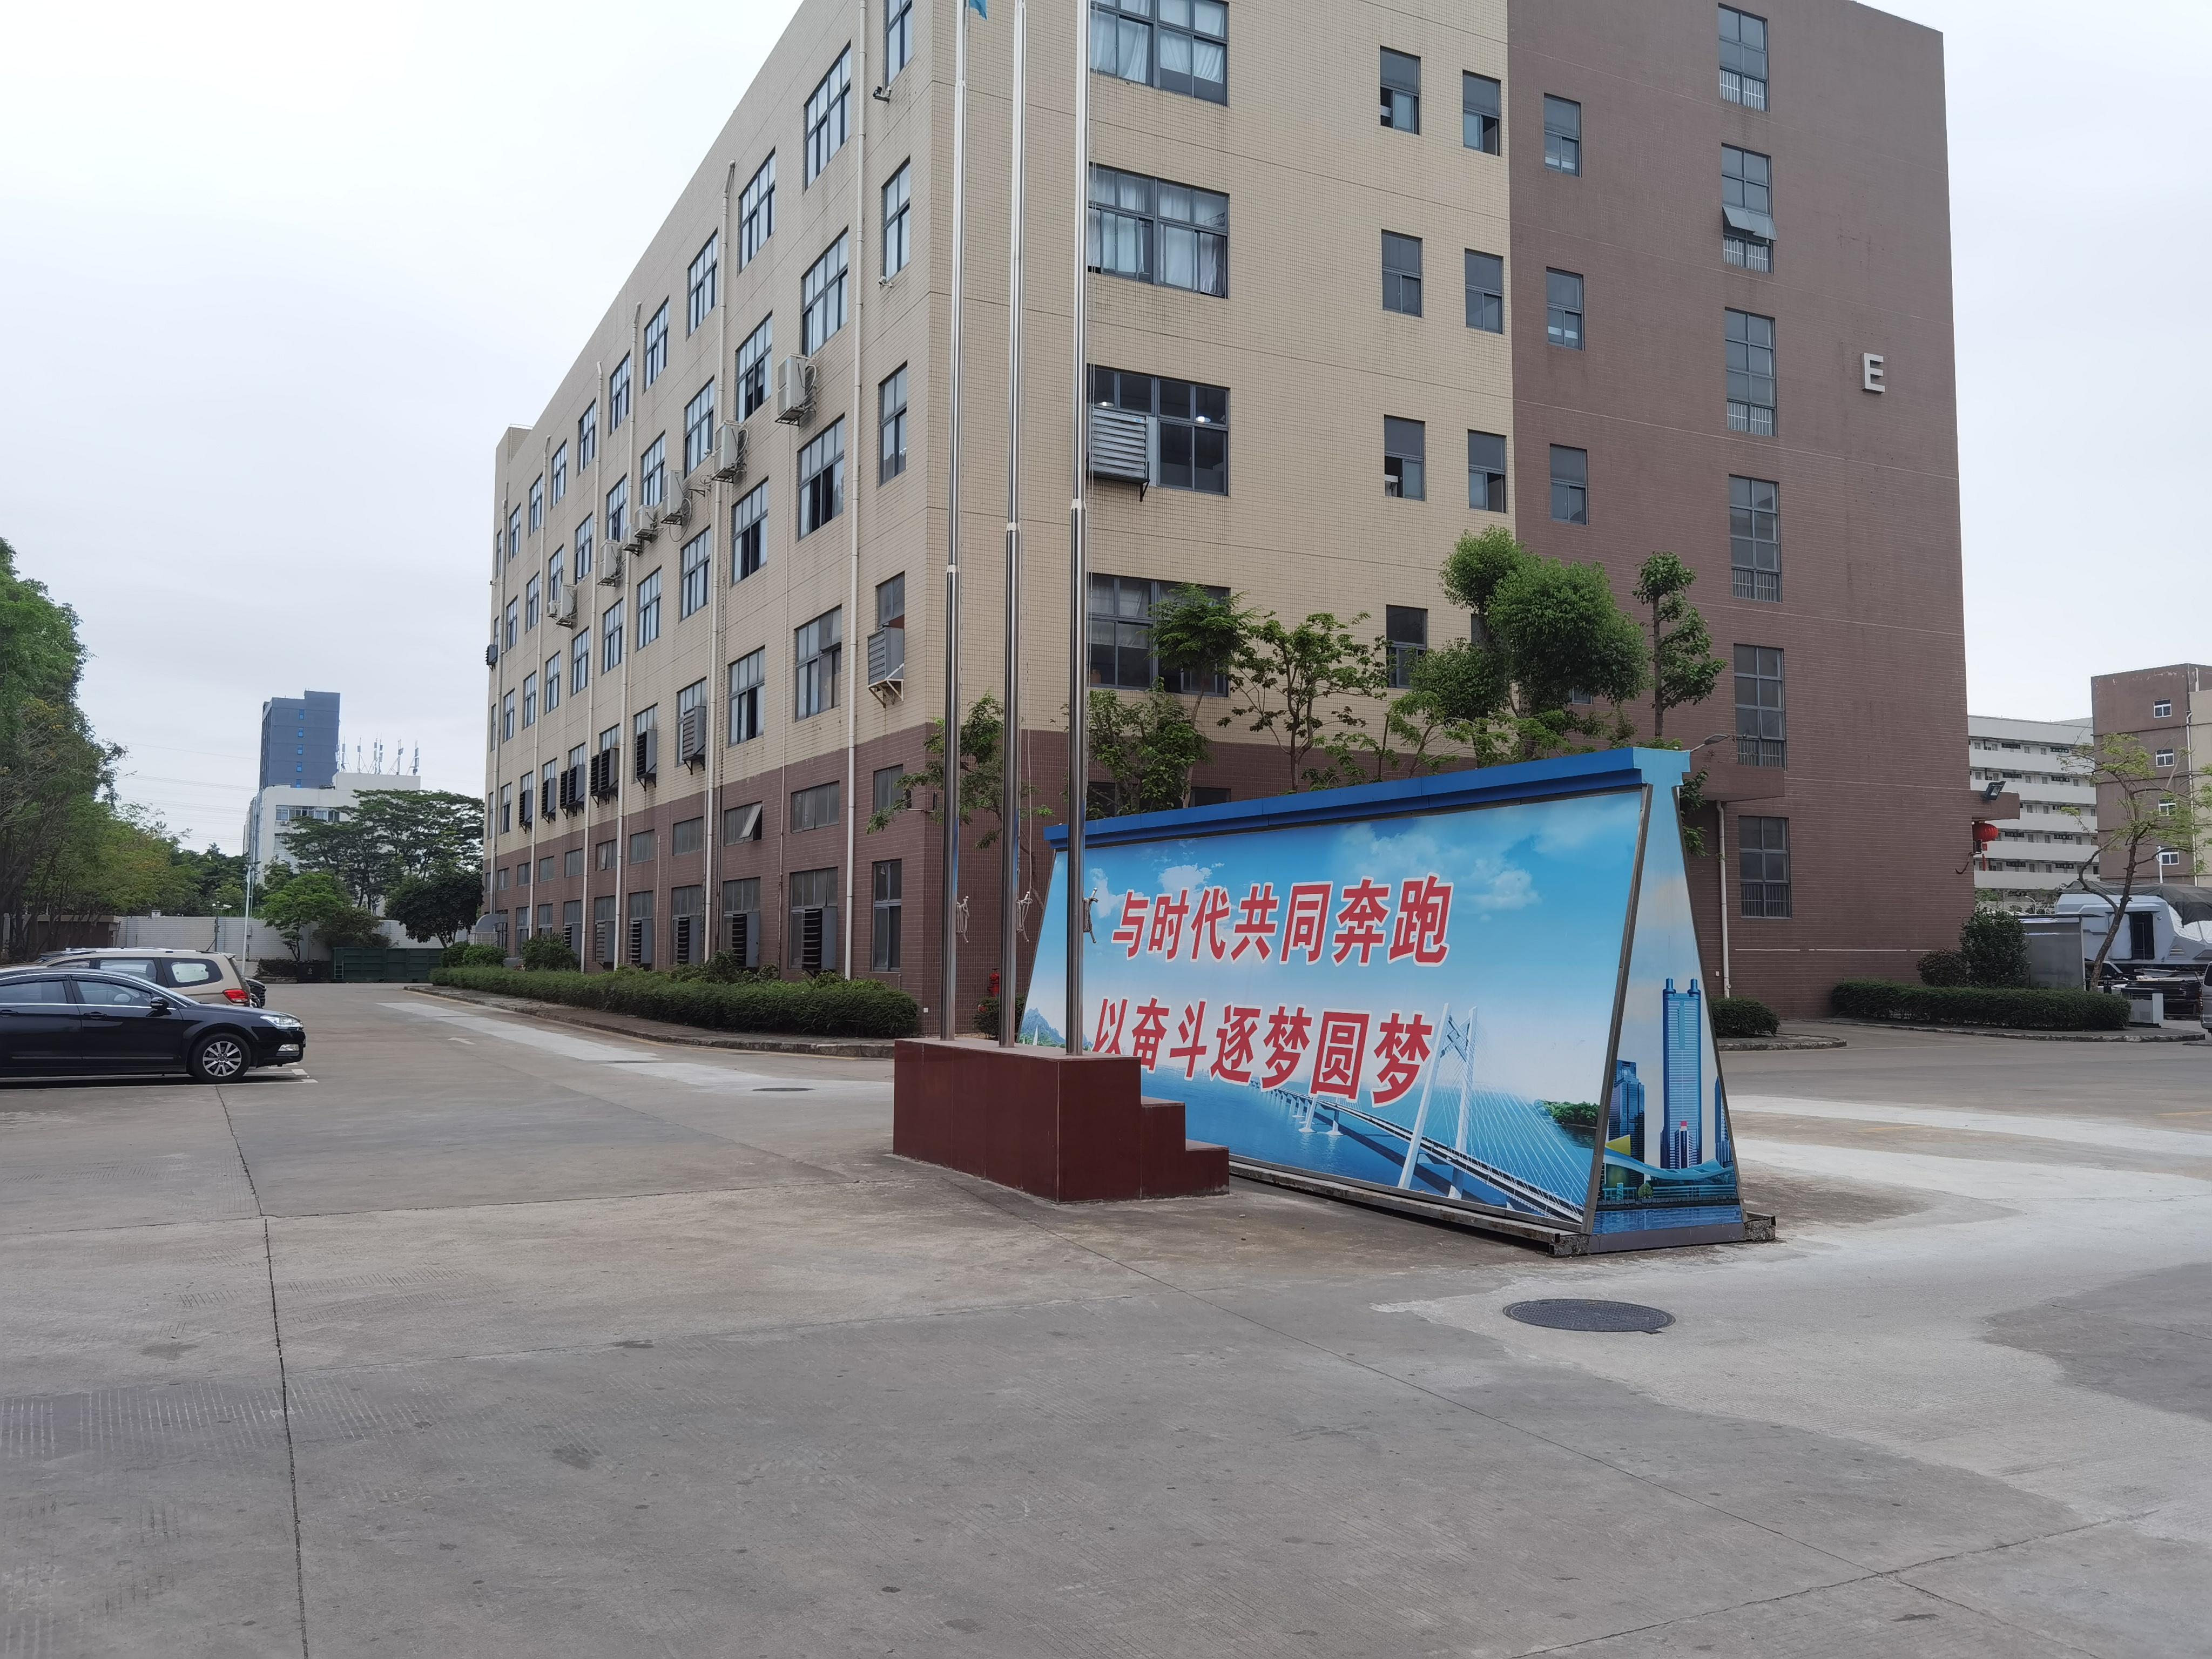 宝龙原房东工业园2100平精装修厂房仓库出租办公电子电商研发